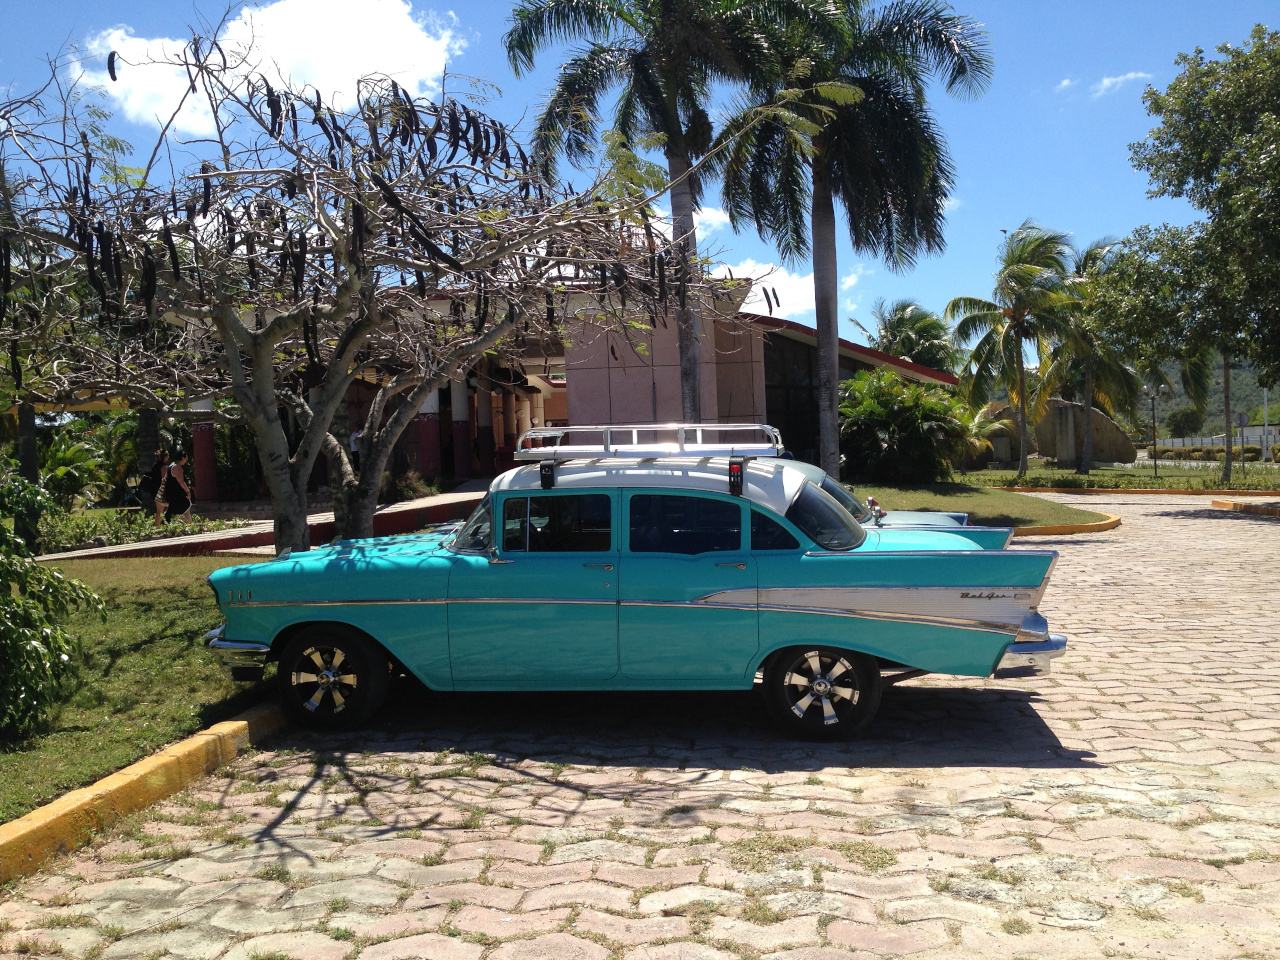 Classic car in Cuba. Top things to do in Cuba